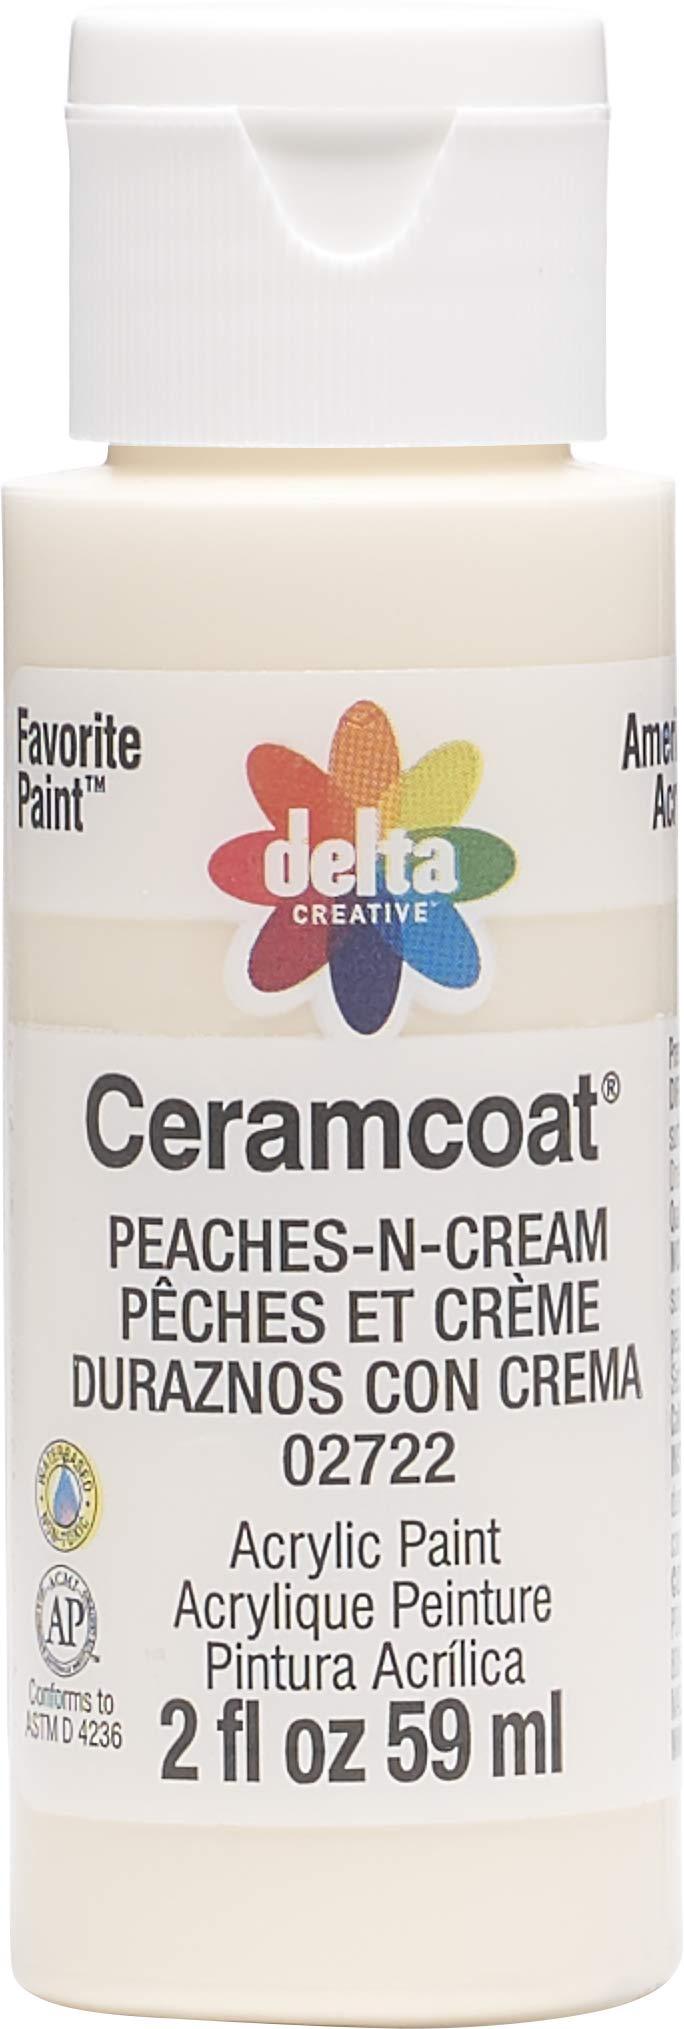 Plaid:Delta 02722 Ceramcoat Acrylic Paint, 2 oz, Peaches-N-Cream